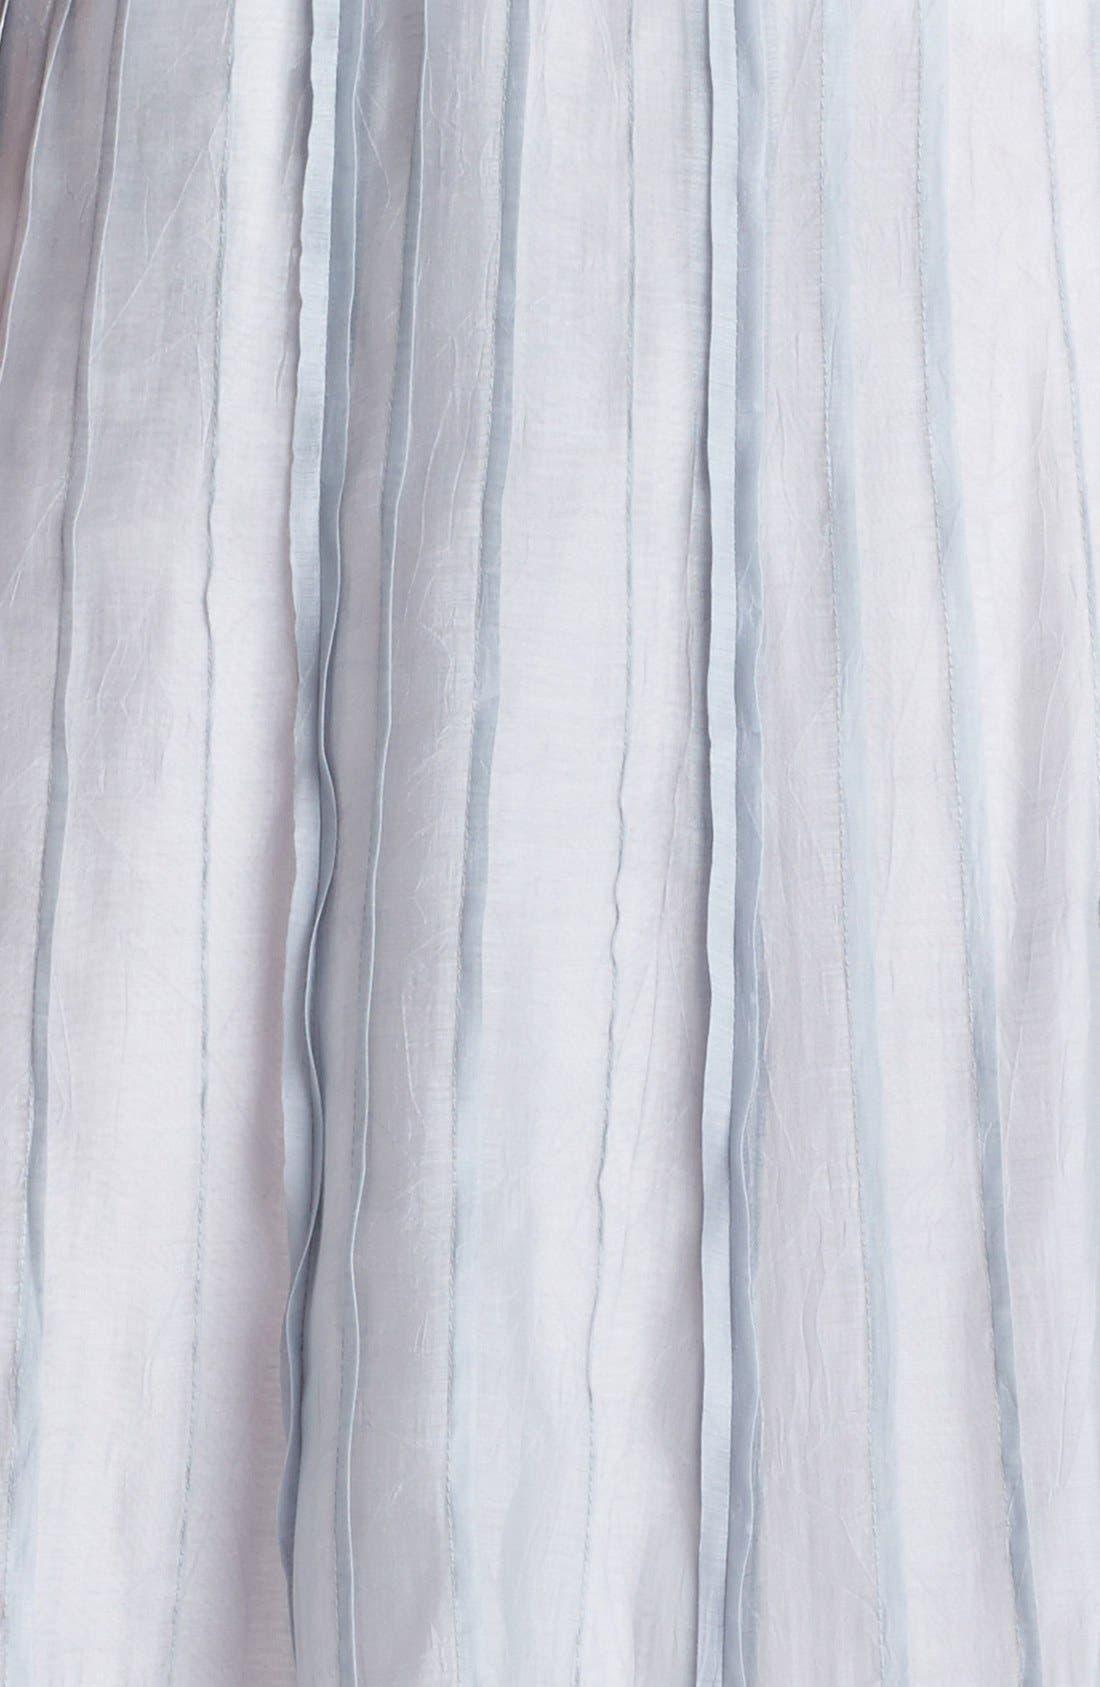 Alternate Image 3  - Nic + Zoe 'Batiste' Flared Skirt (Petite)